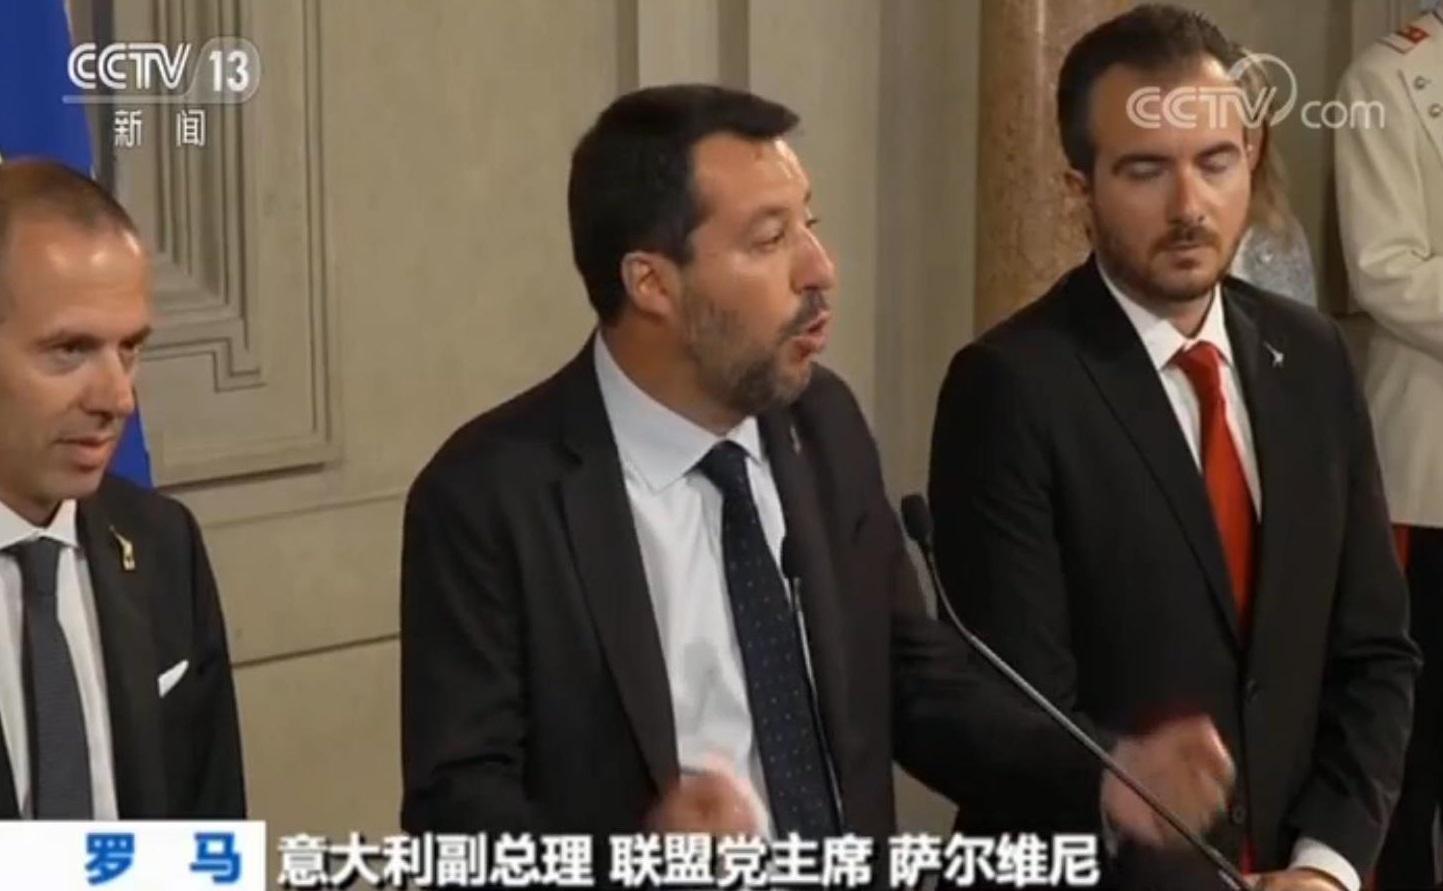 【蜗牛棋牌】意大利总统会晤各党派 欲化解政治危机